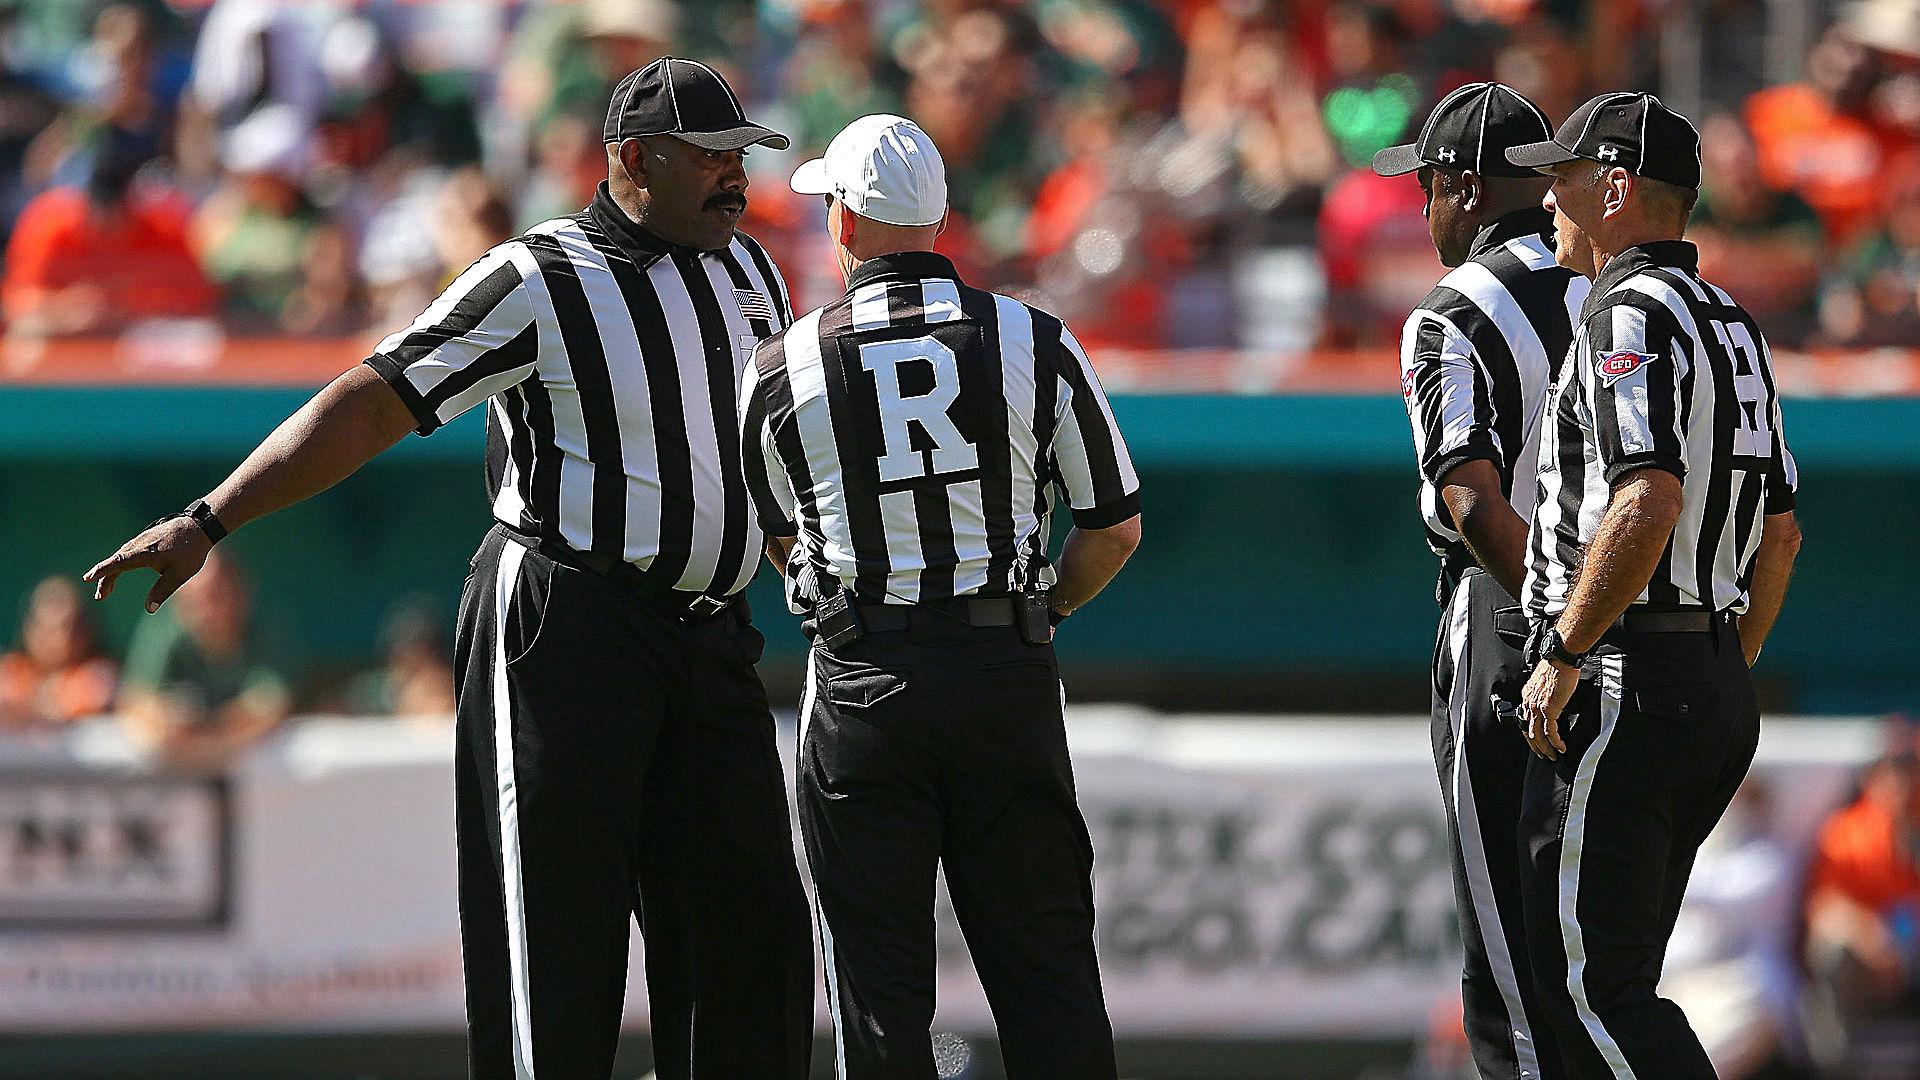 referees-09042015-getty-ftr_16olxskbj4x1z138p97wd6wev9